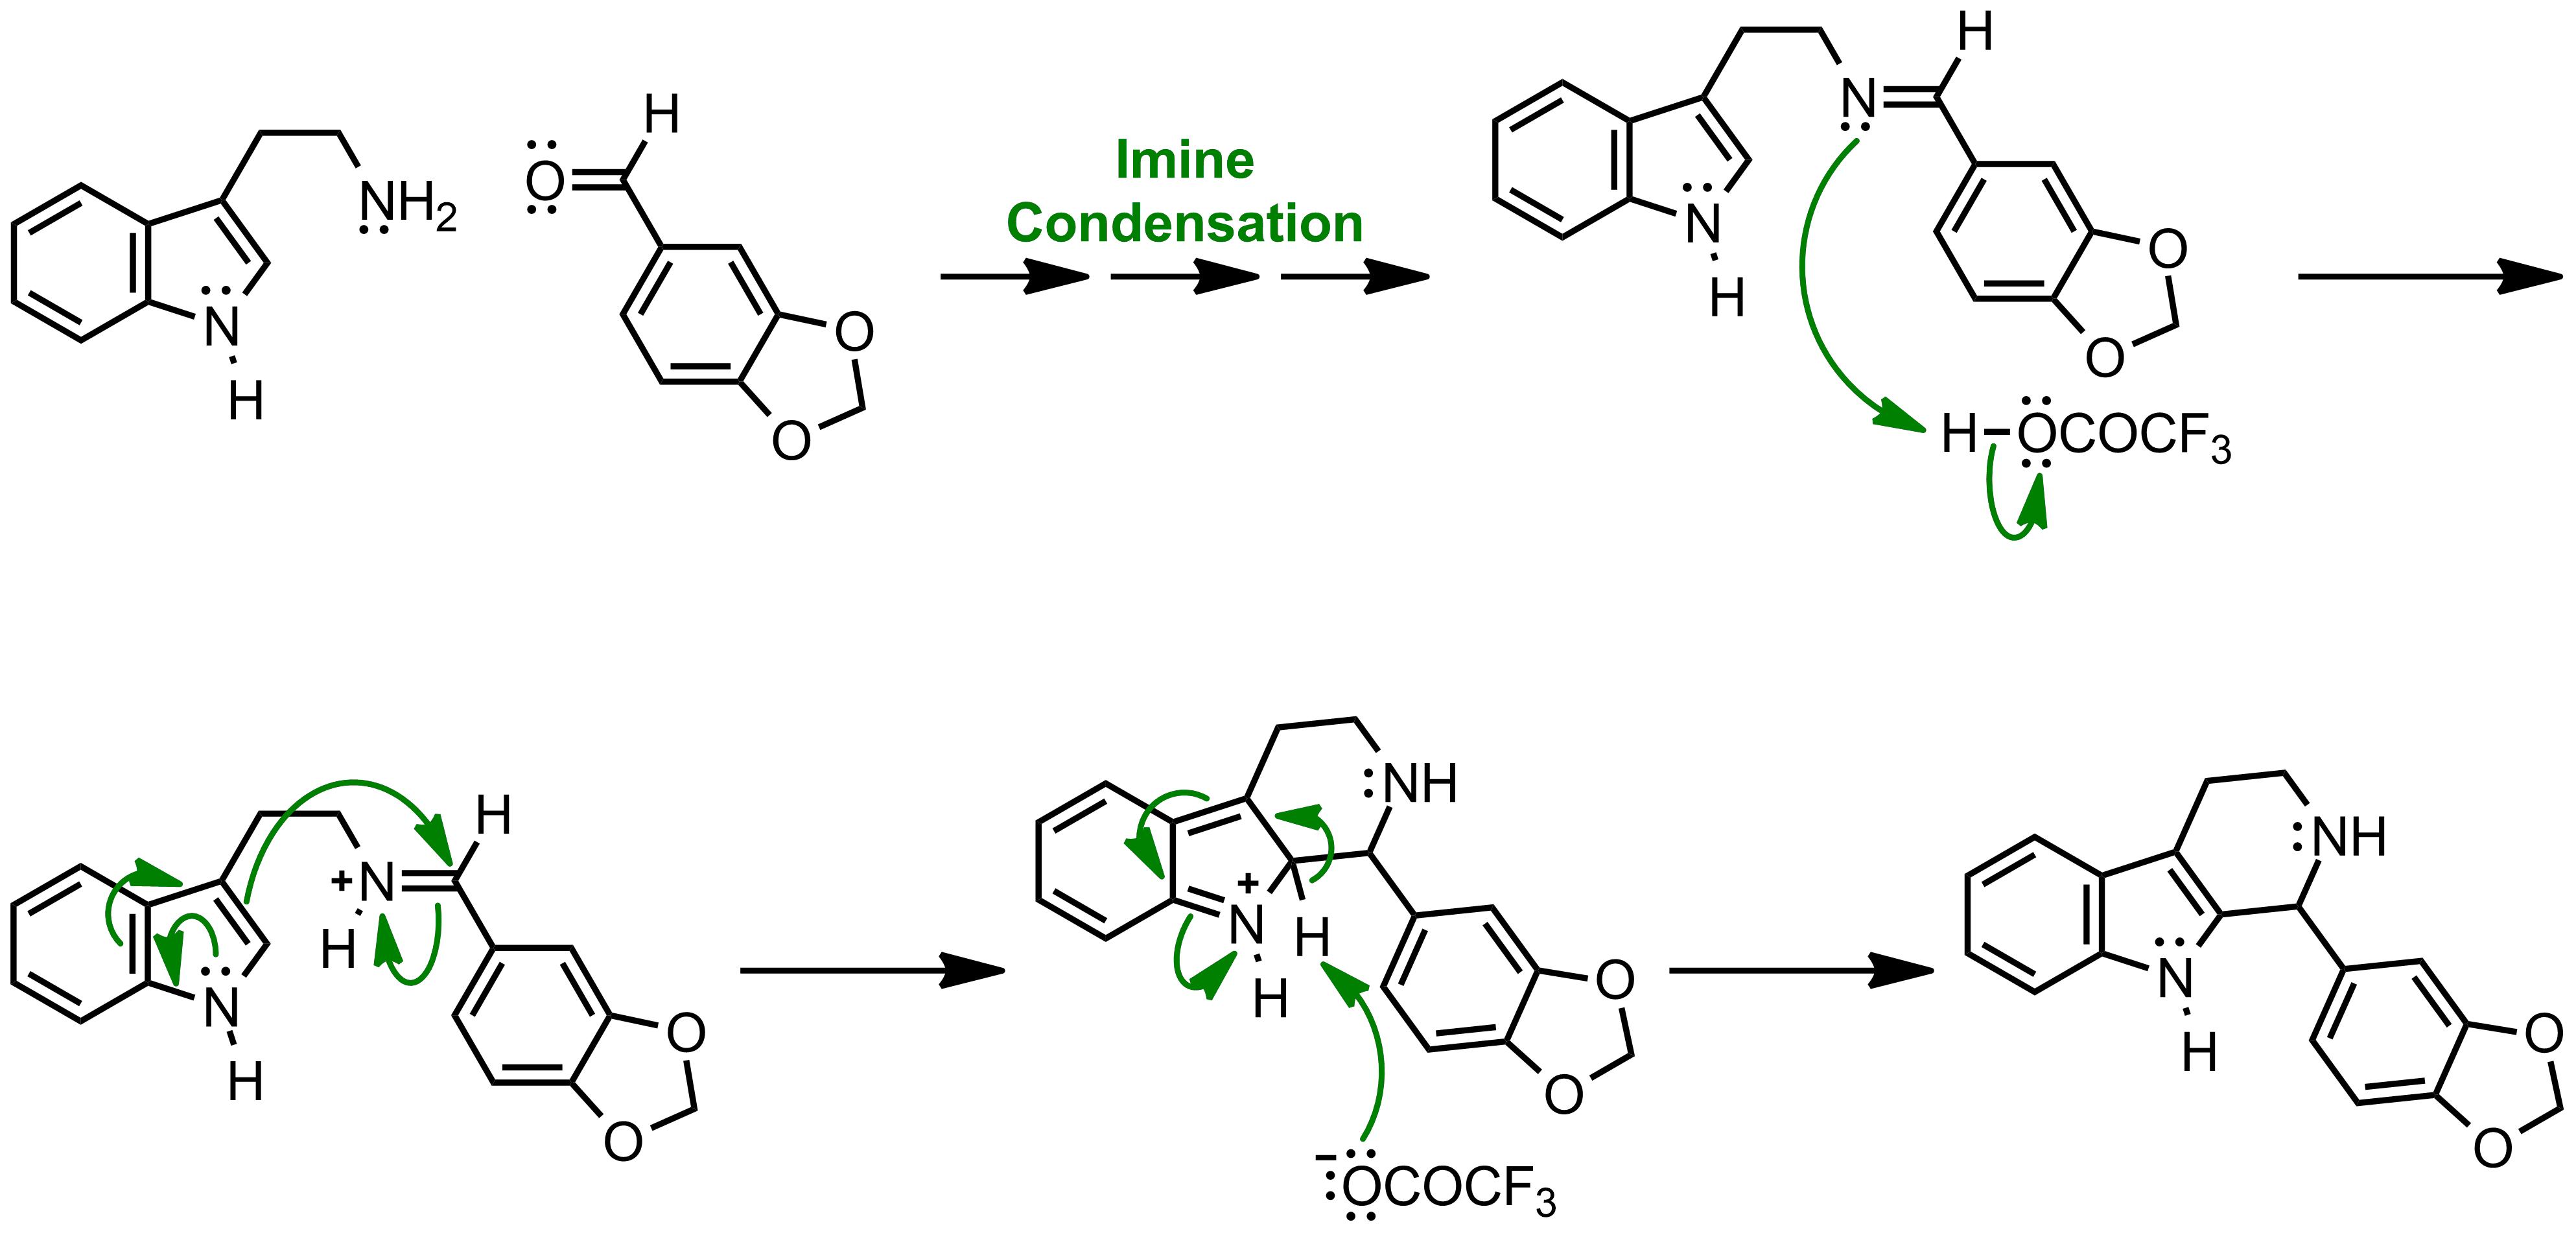 Mechanism of the Pictet-Spengler Reaction